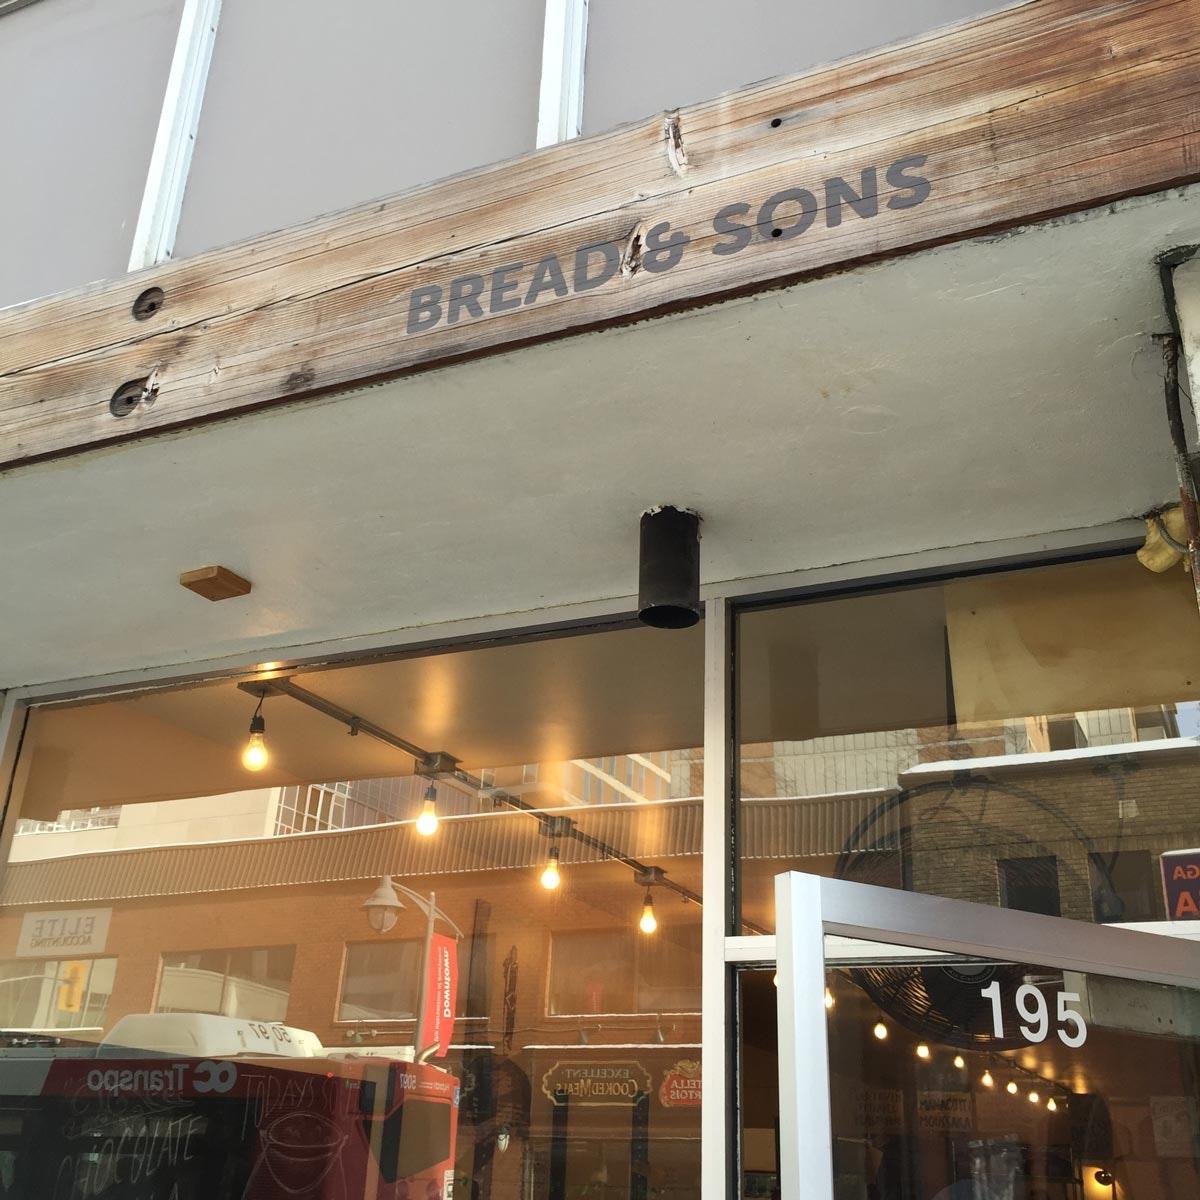 Bread & Sons Bakery